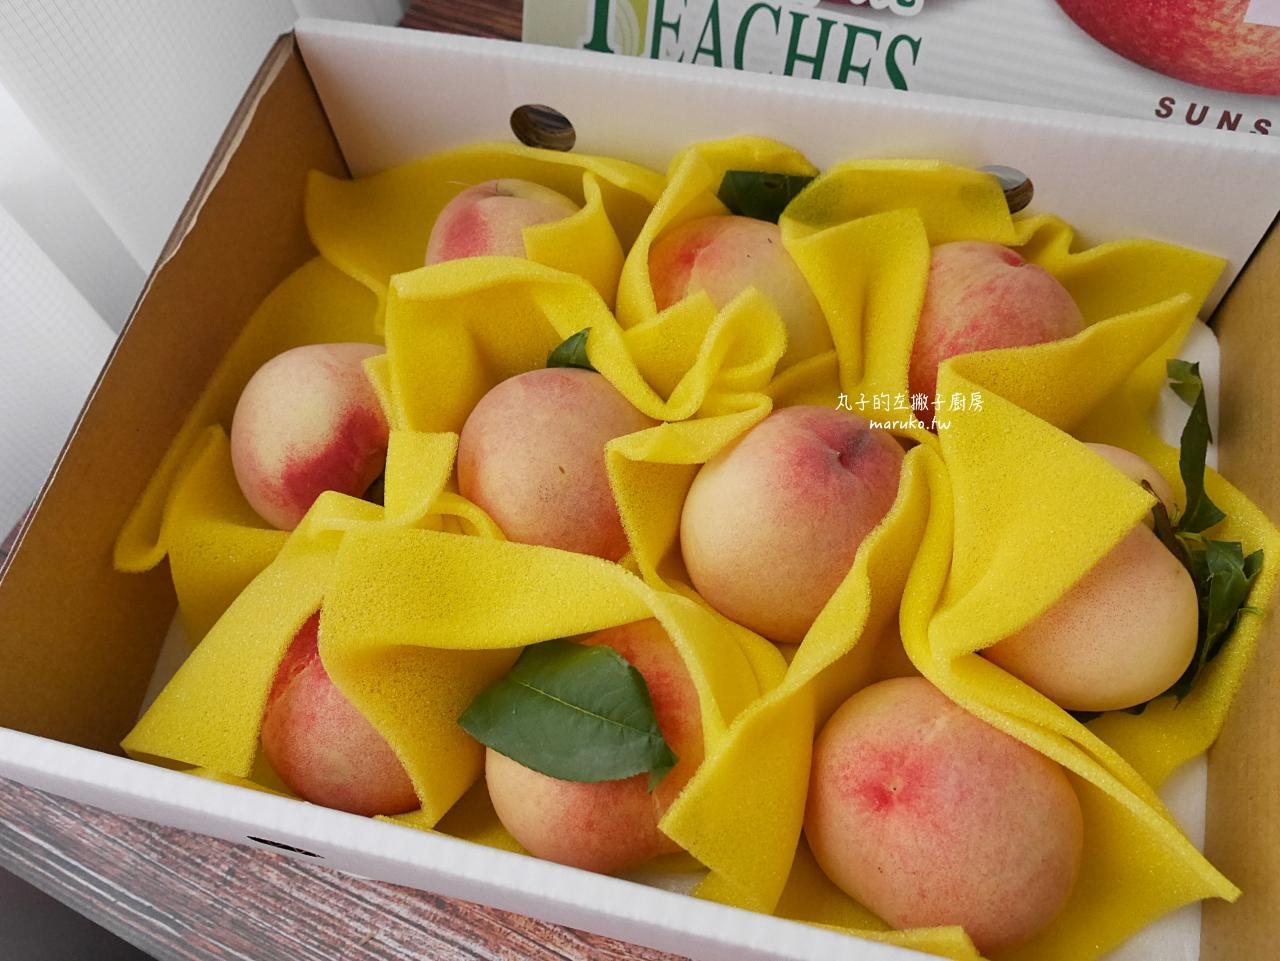 【食譜】水蜜桃三明治 不加鮮奶油做法 產地直送 梨山水蜜桃 無毒農友善環境的安心水果推薦 @Maruko與美食有個約會